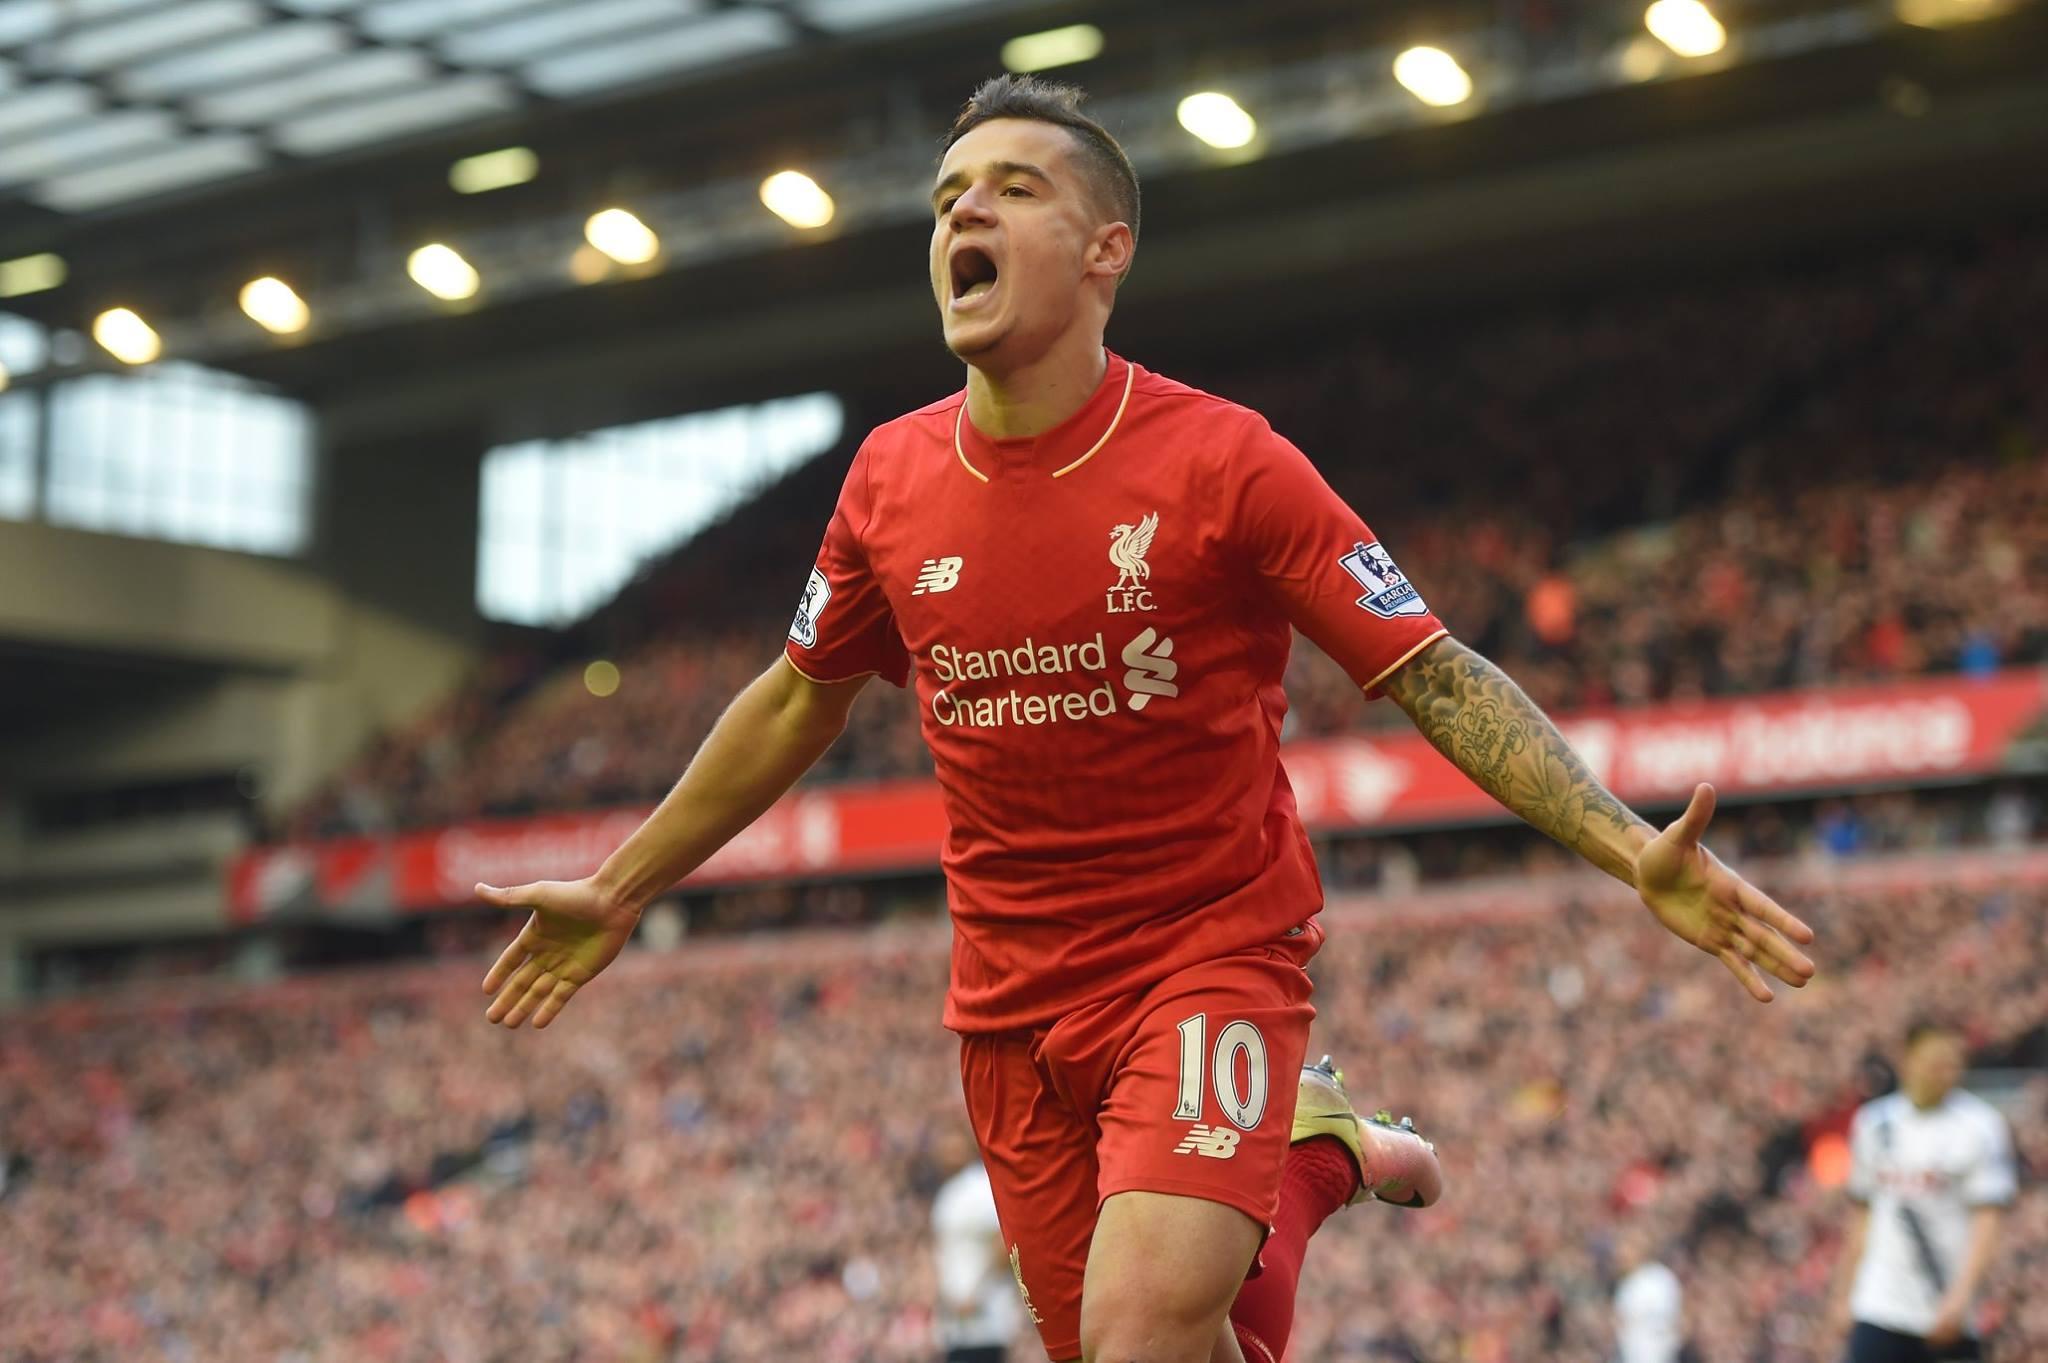 OFICIAL: Coutinho renova contrato com Liverpool